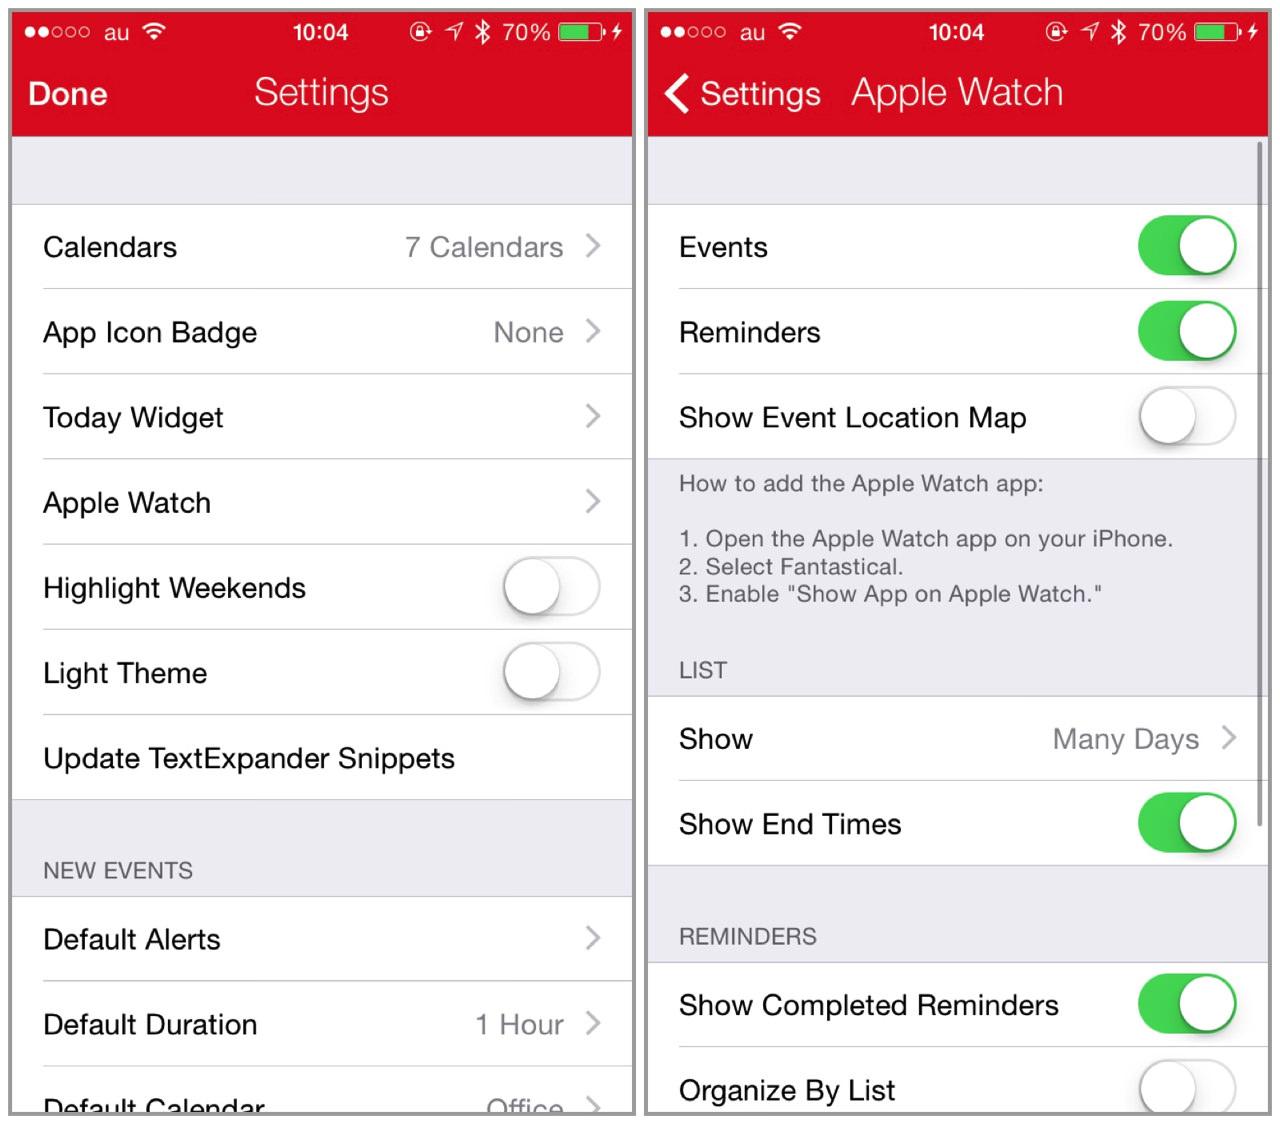 環境設定から「Apple Watch」の設定が可能